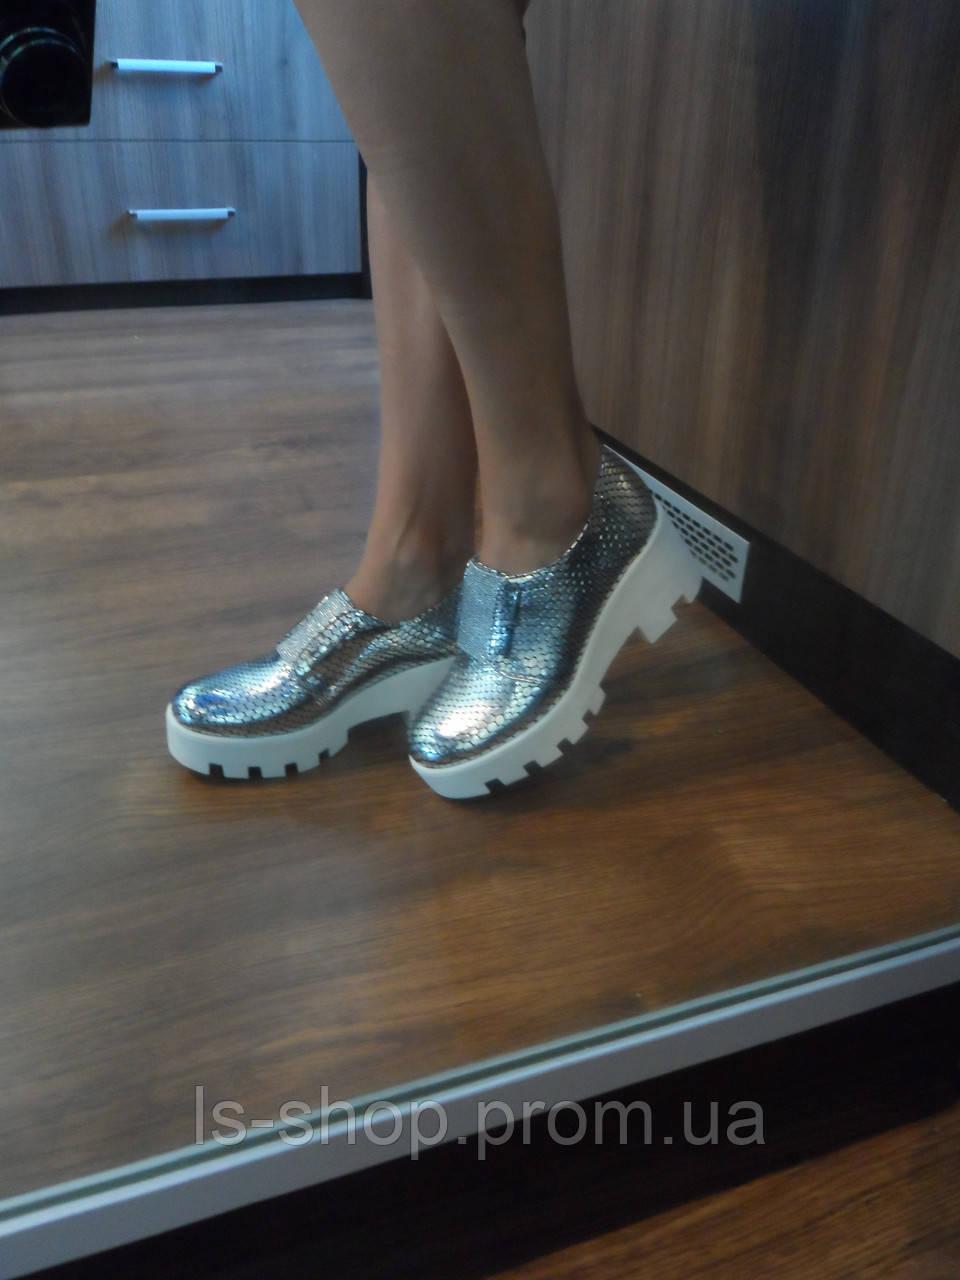 bf45da2bf Маломерки, фото 4 Женские кожаные серебристые туфли, а.т33серебро.  Маломерки, фото 5